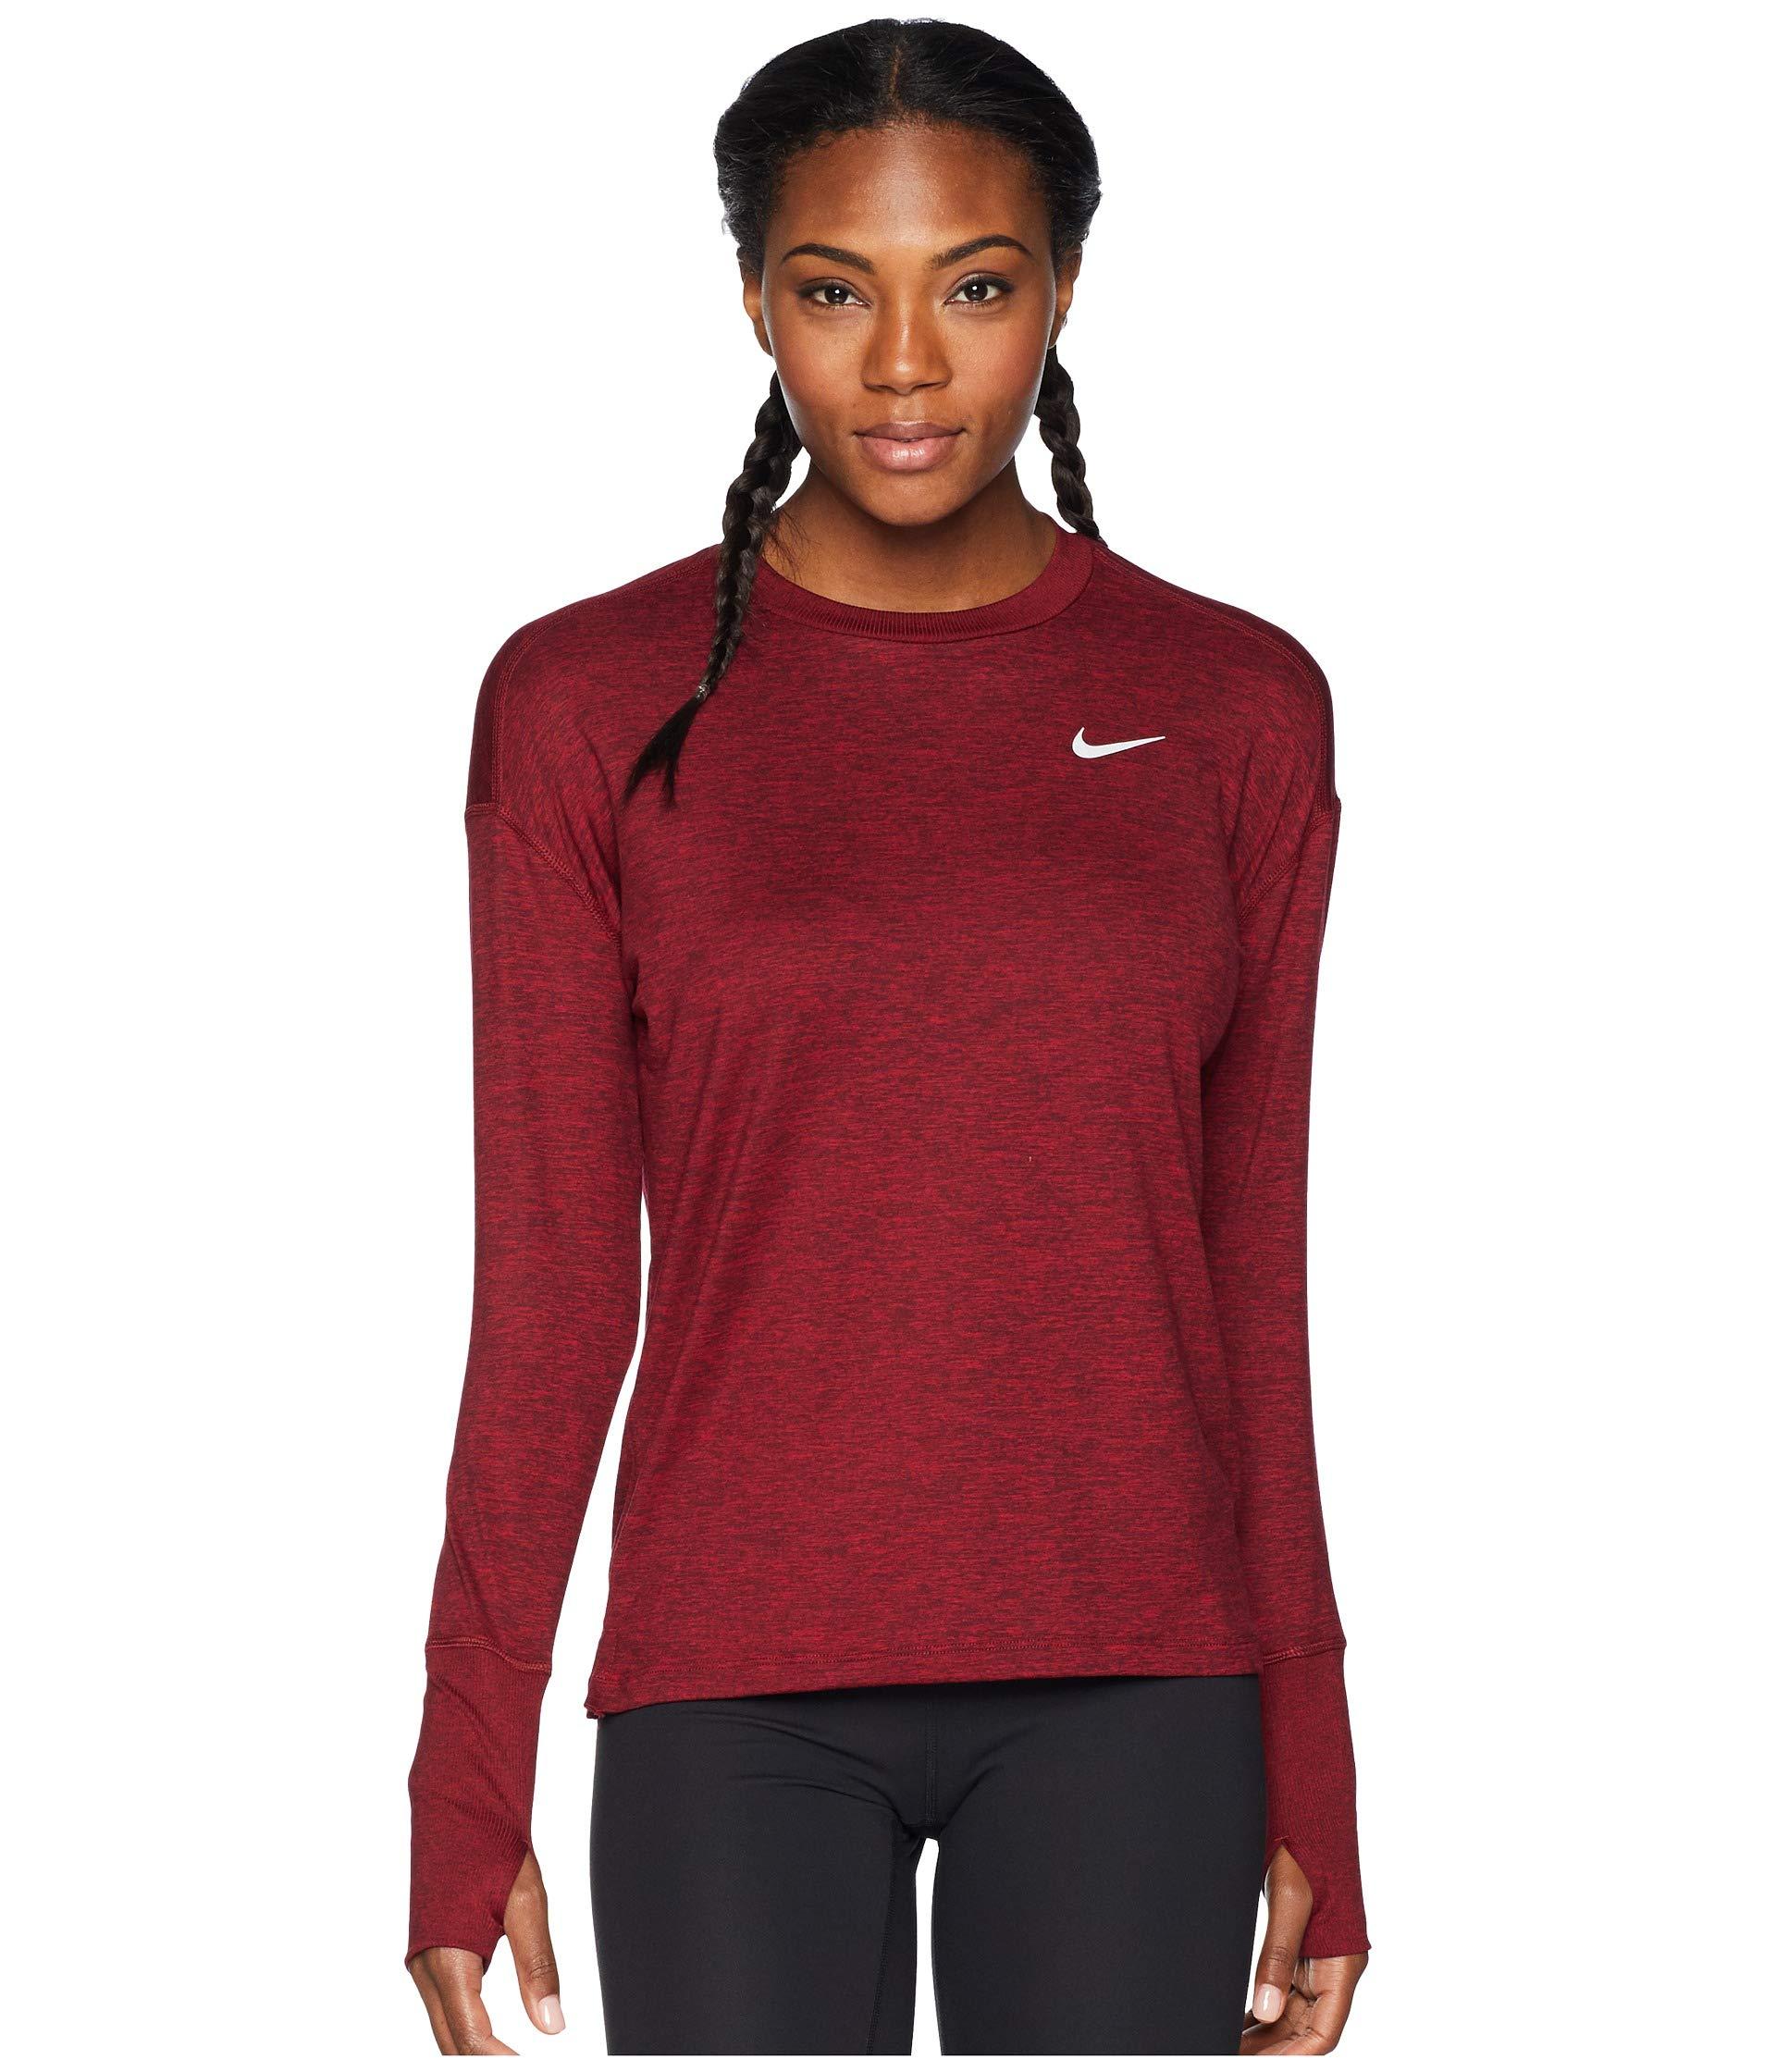 Nike Women's Element Crew Top Burgundy Crush/Red Crush/Heather X-Small